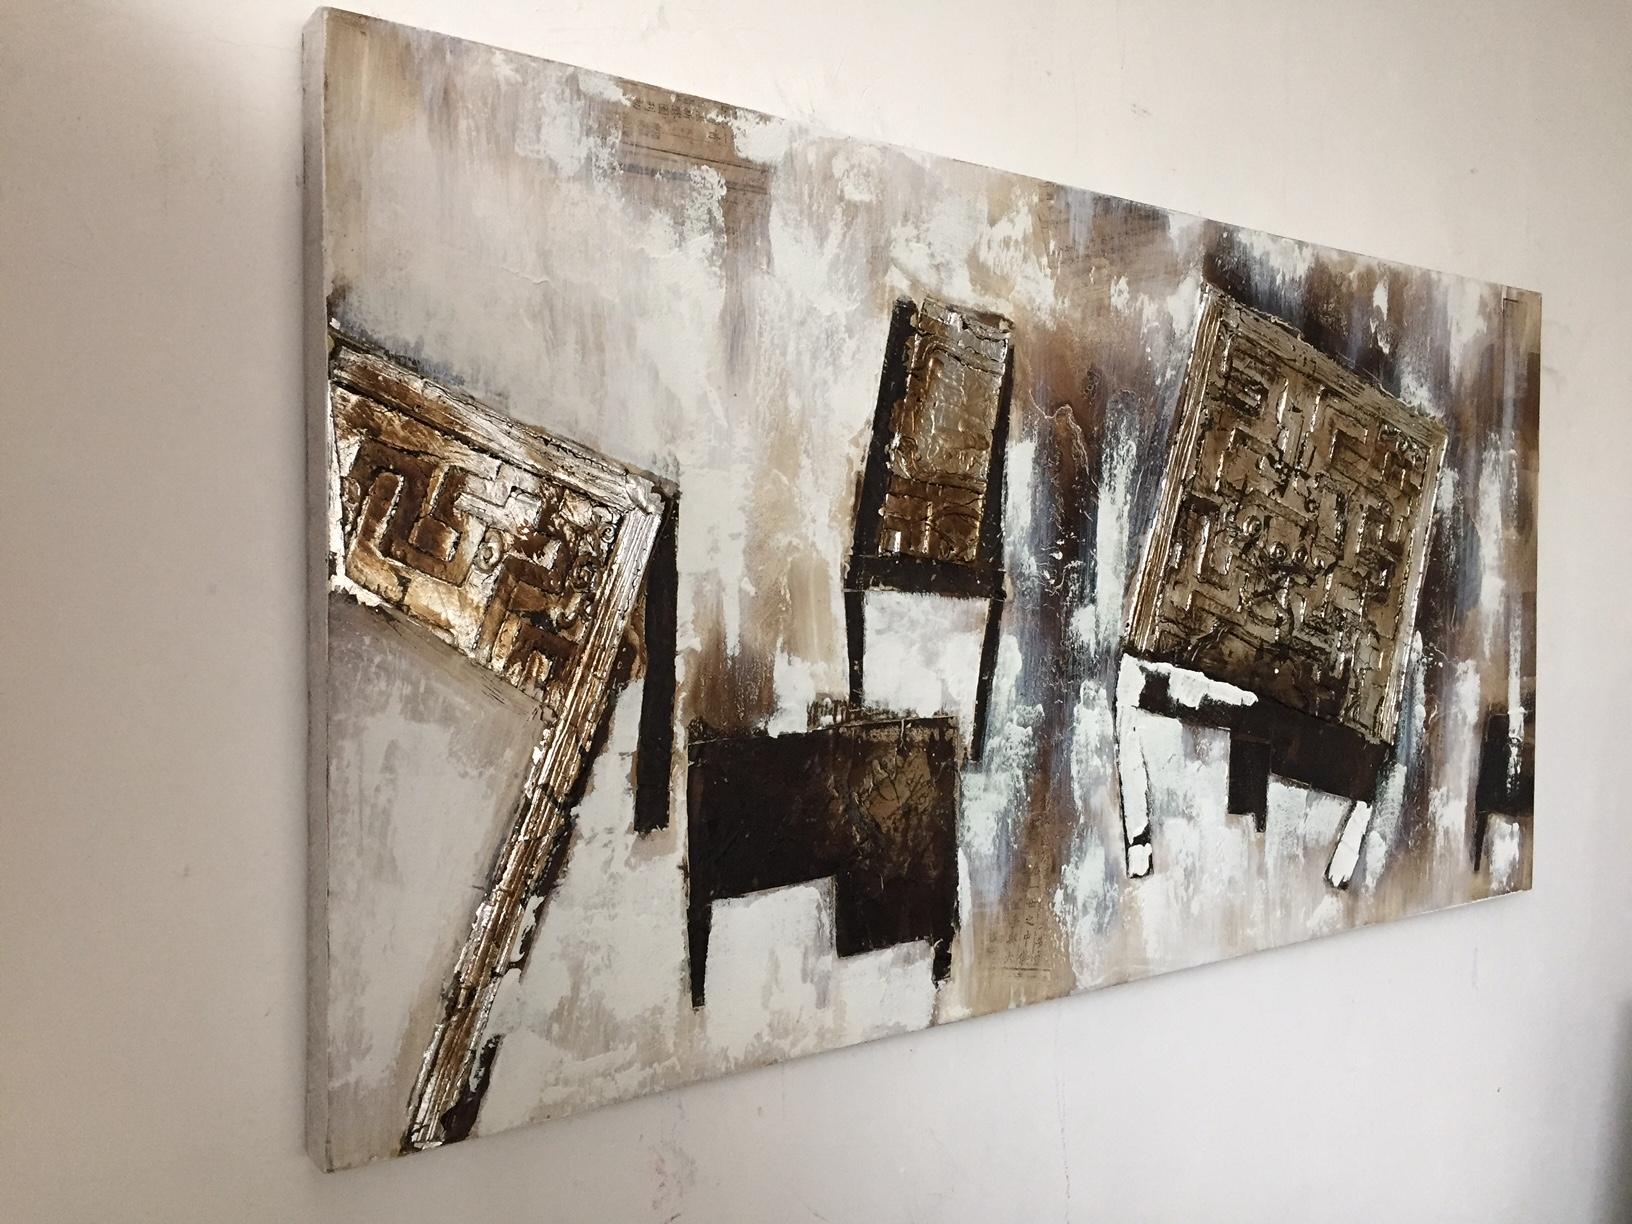 quadri moderni astratti con fregi argento - Quadri moderni a ...